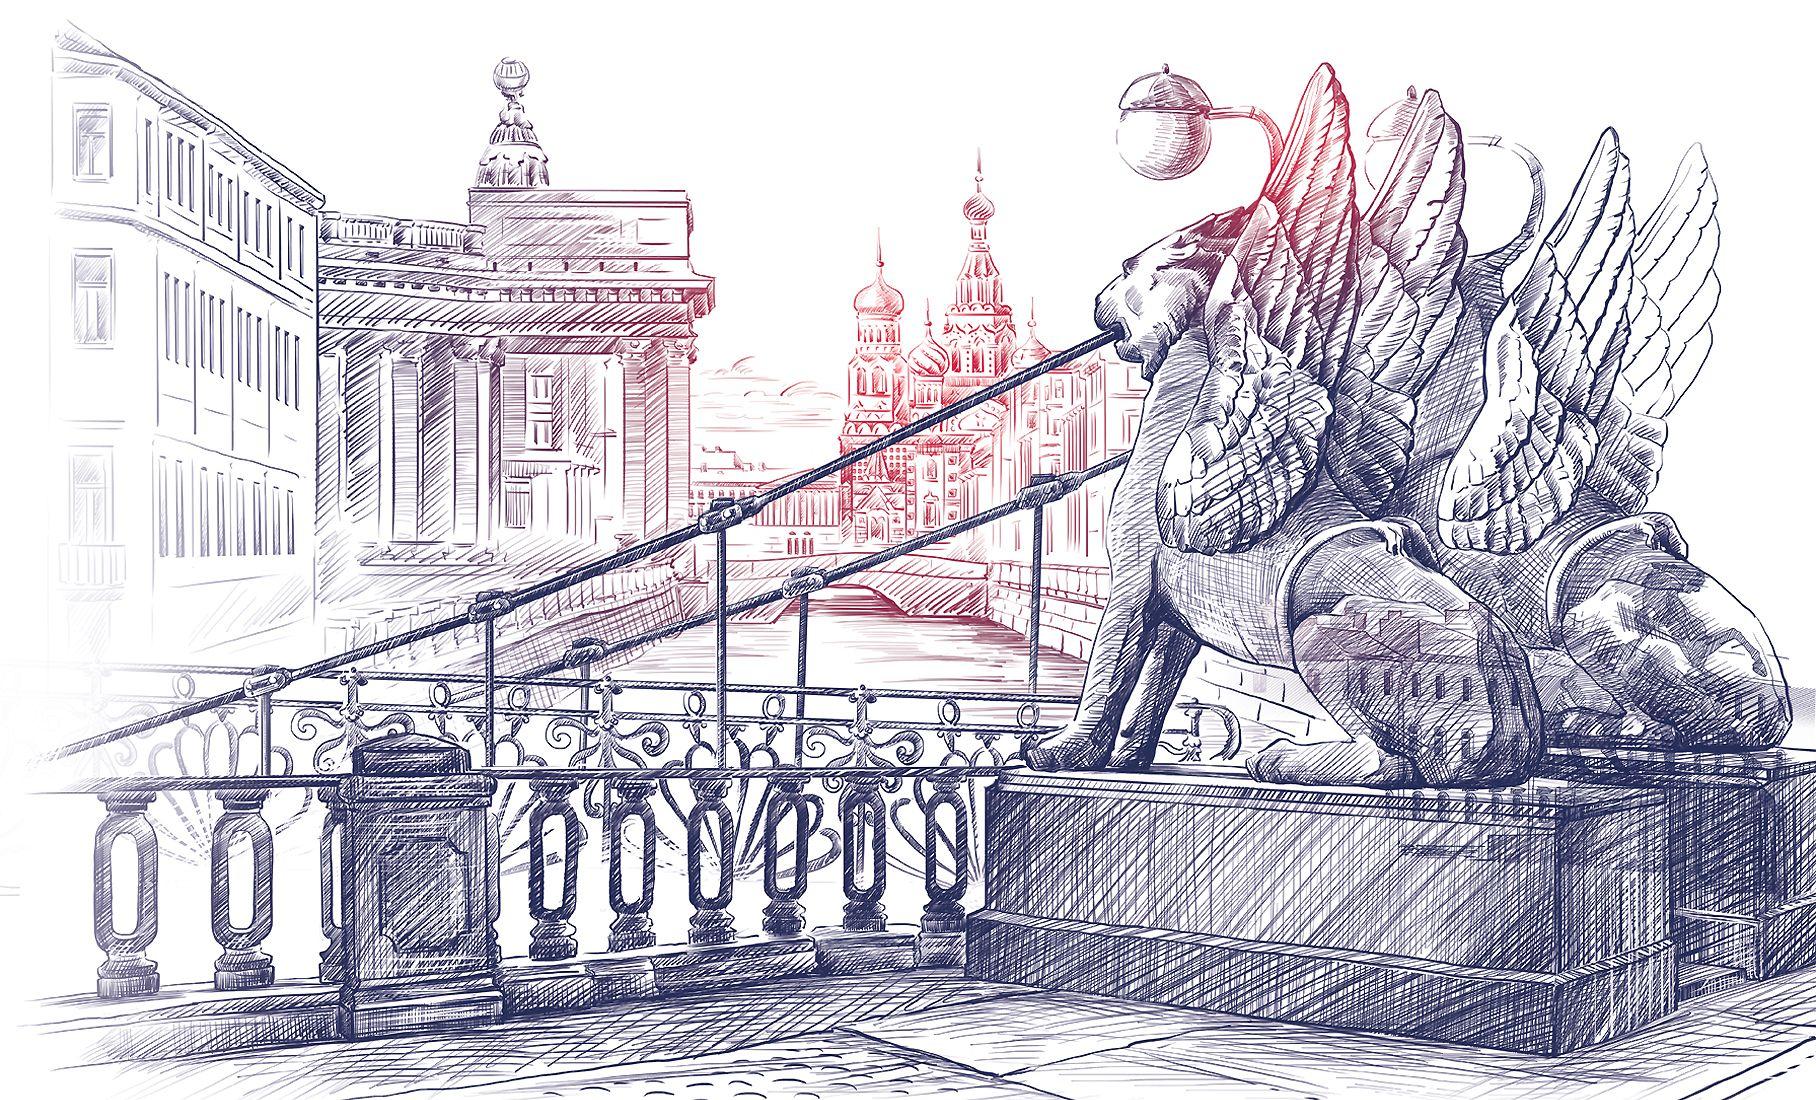 картинки санкт-петербурга хорошего качества карандашом винтовки могут